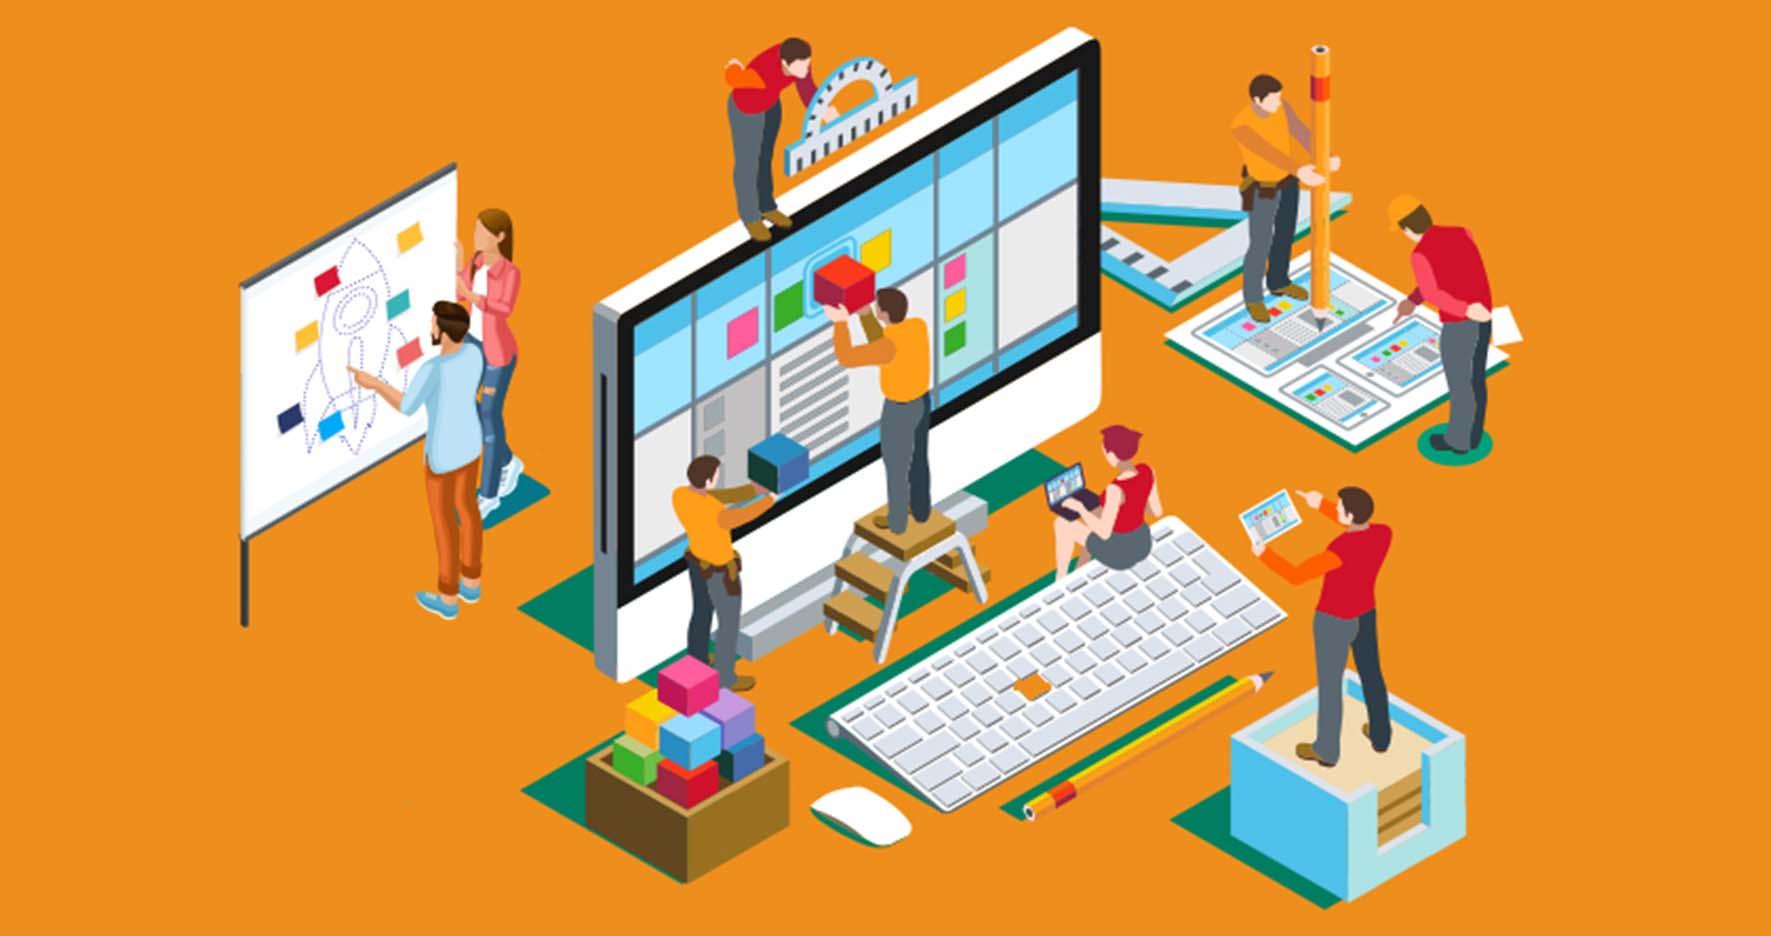 5 نکته طراحی سایت حرفه ای - طراحی مدرن